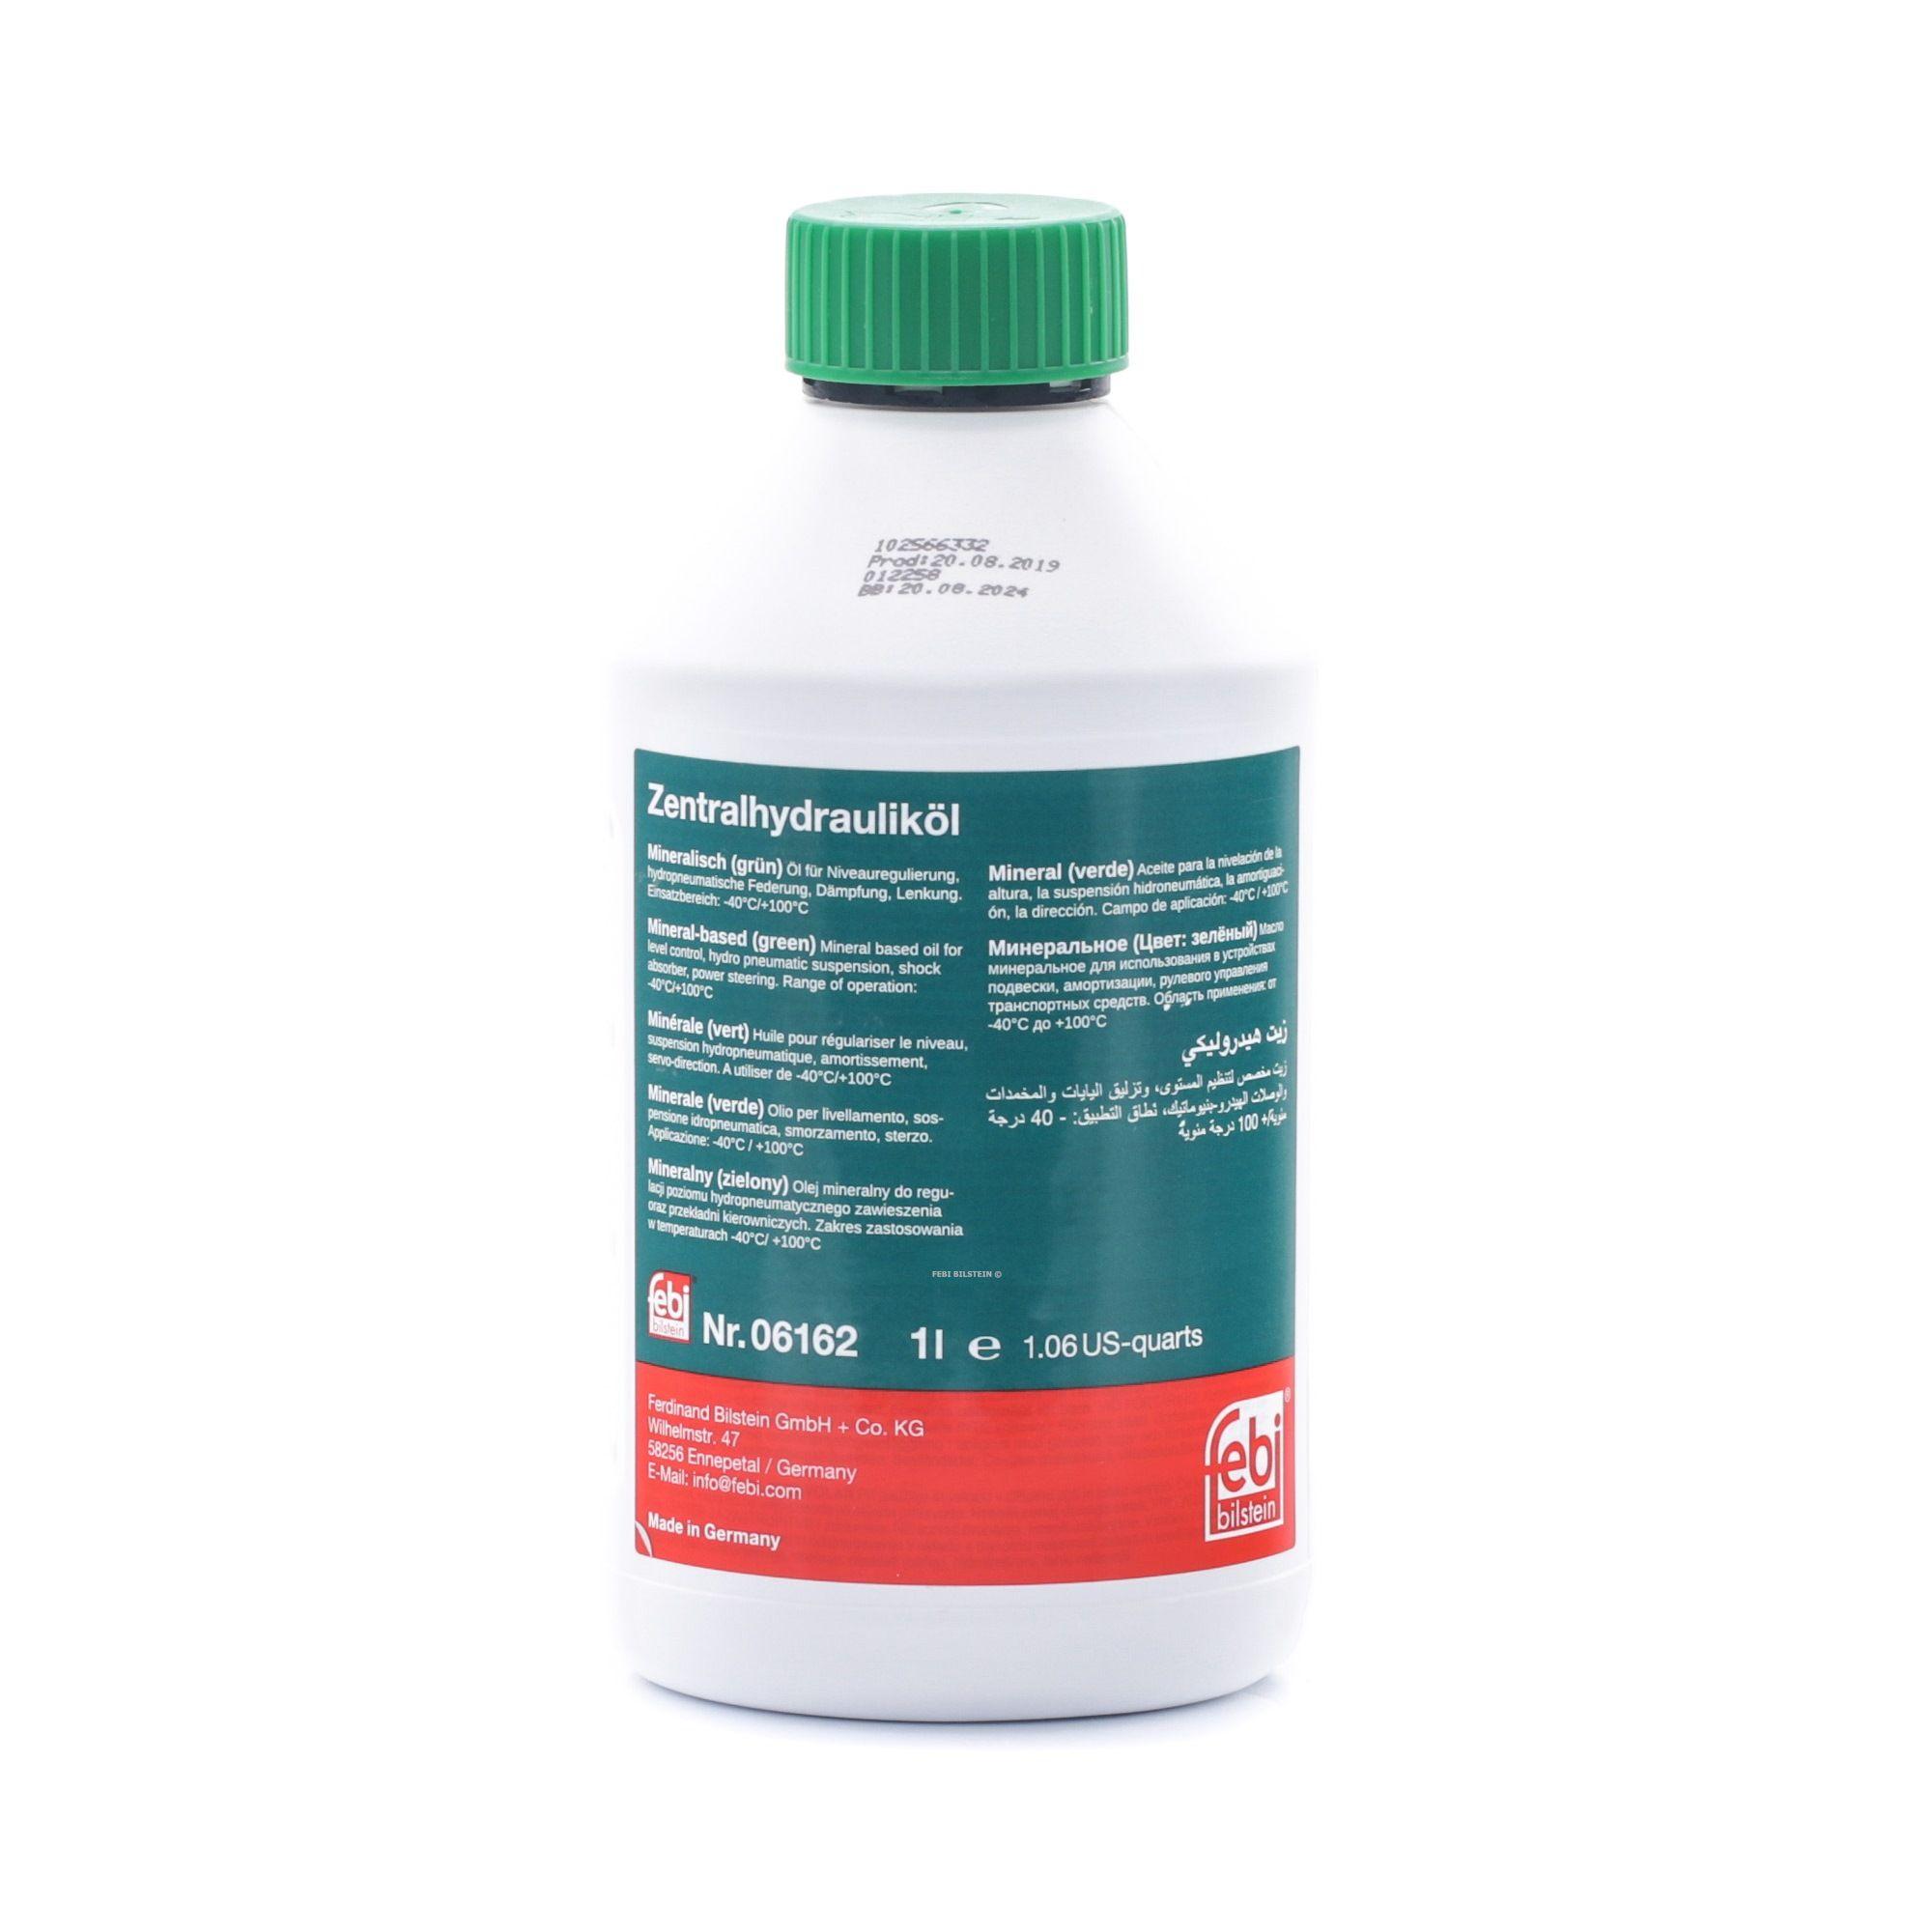 Aceite hidráulico 06162 comprar ¡24 horas al día